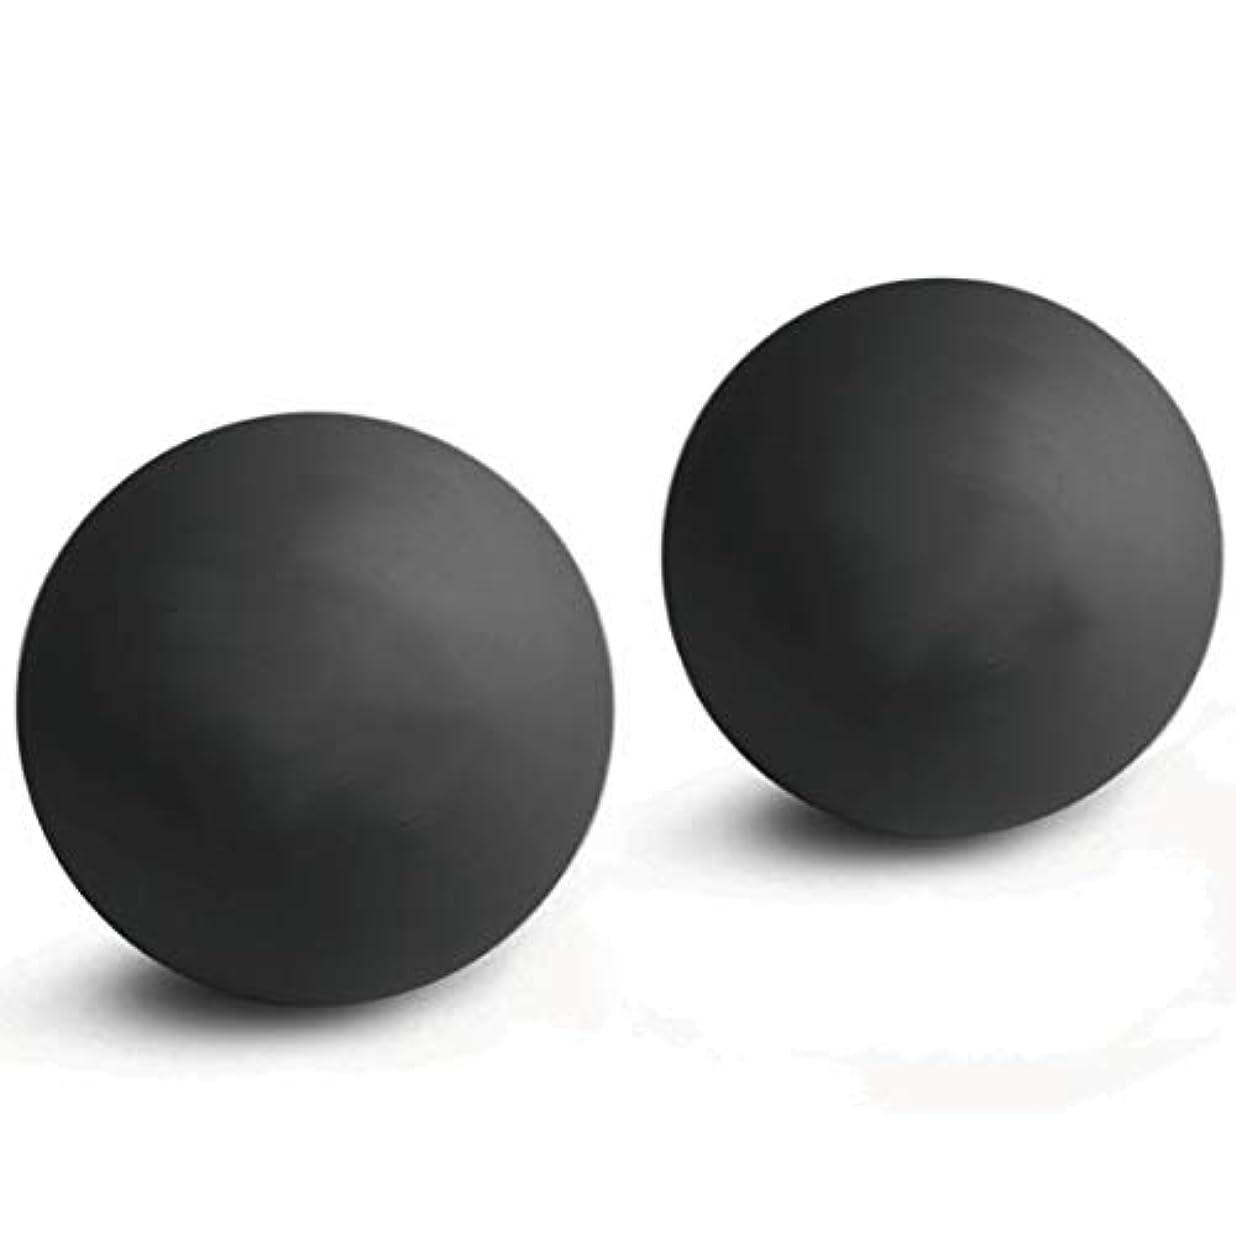 オーディション名目上のマイクロ2個入マッサージボール 触覚ボール ストレッチボールトリガーポイント 肩 背中 腰 足裏 全身 ツボ押しグッズ